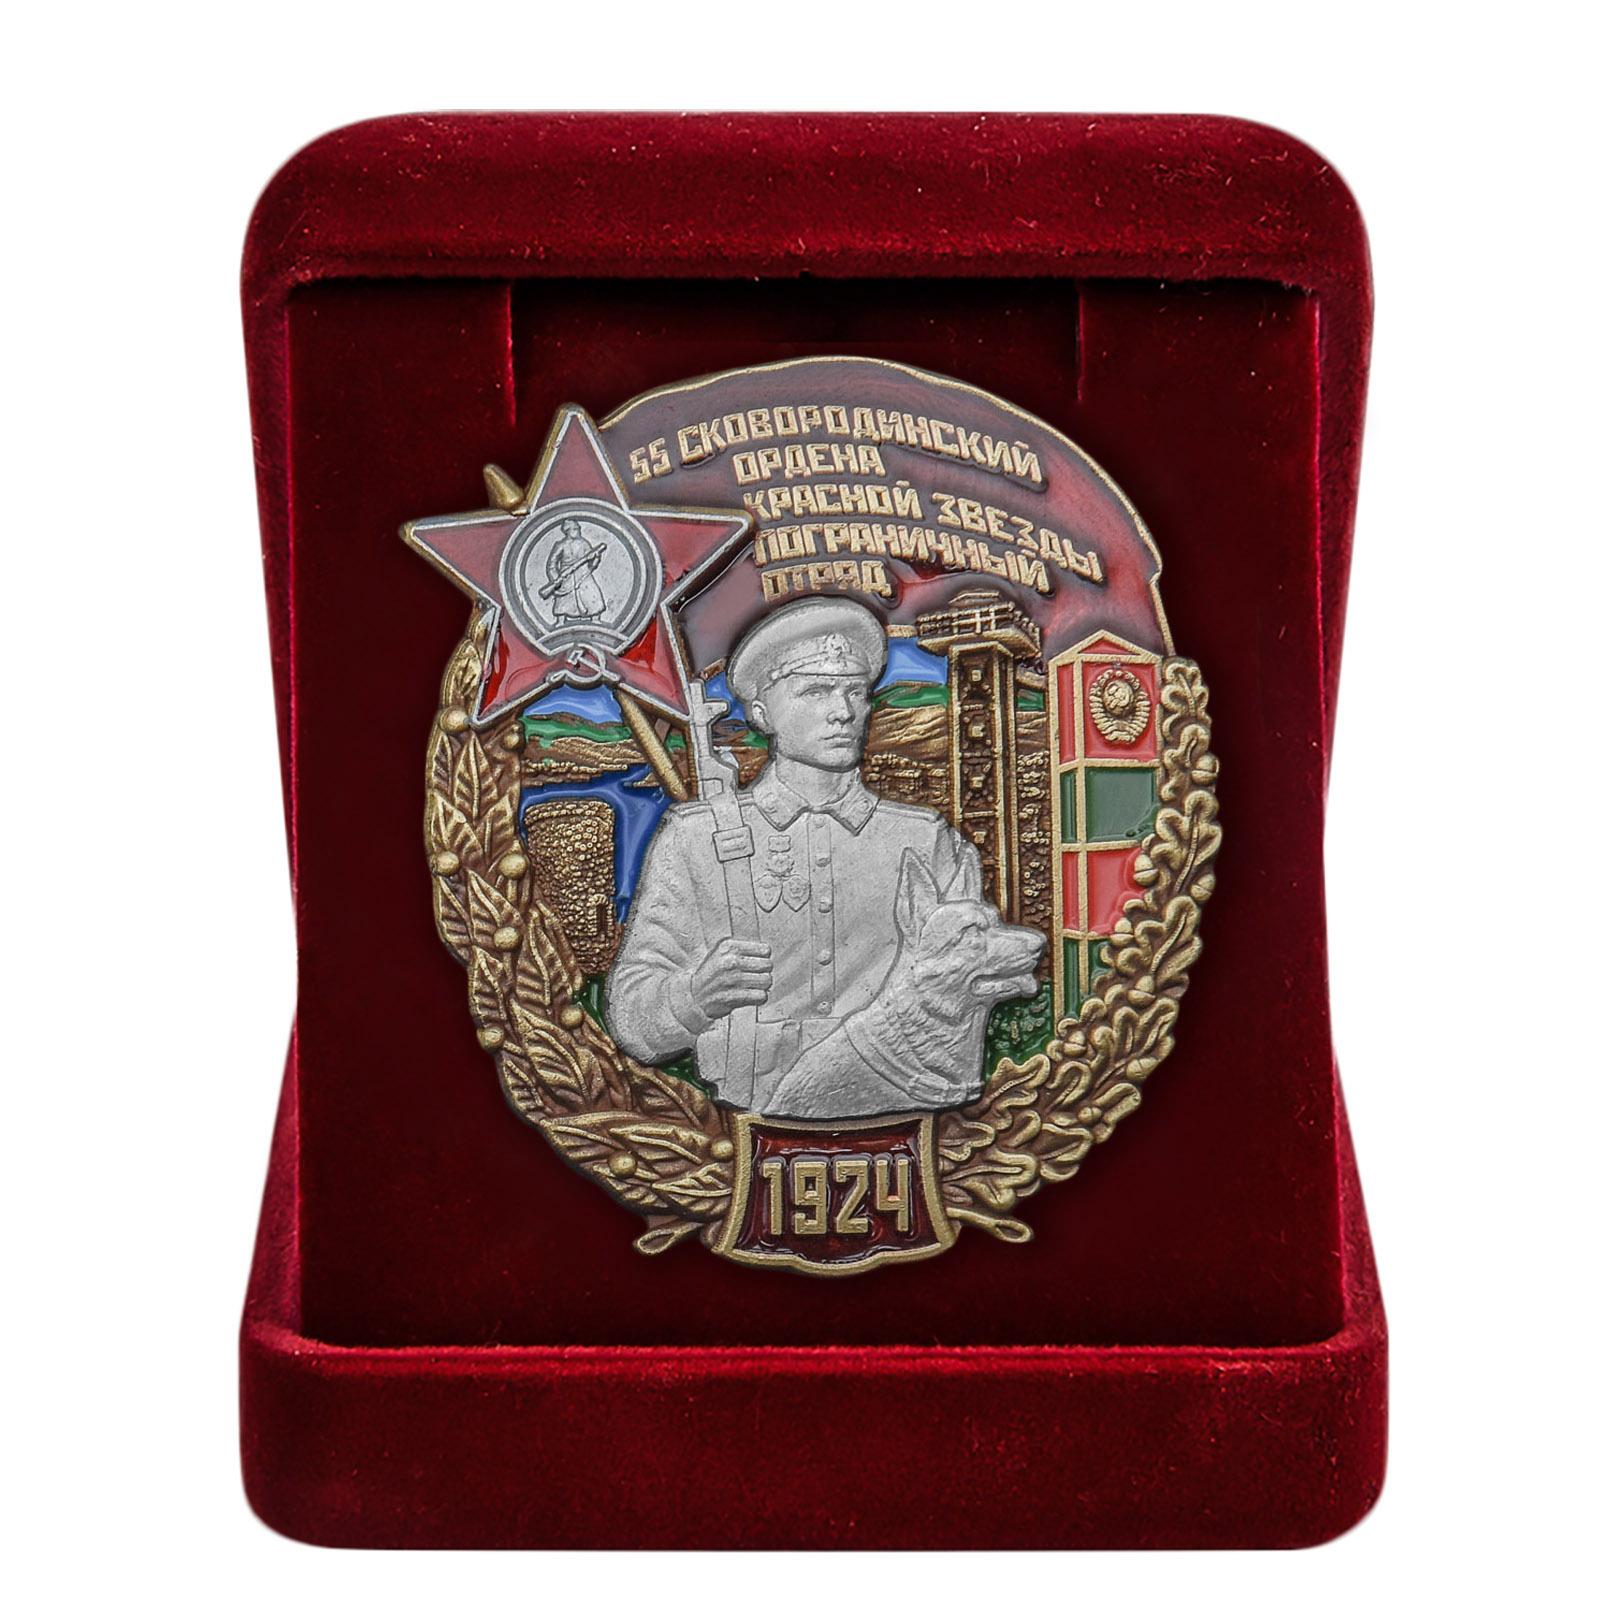 Купить знак 55 Сковородинский ордена Красной звезды Пограничный отряд онлайн